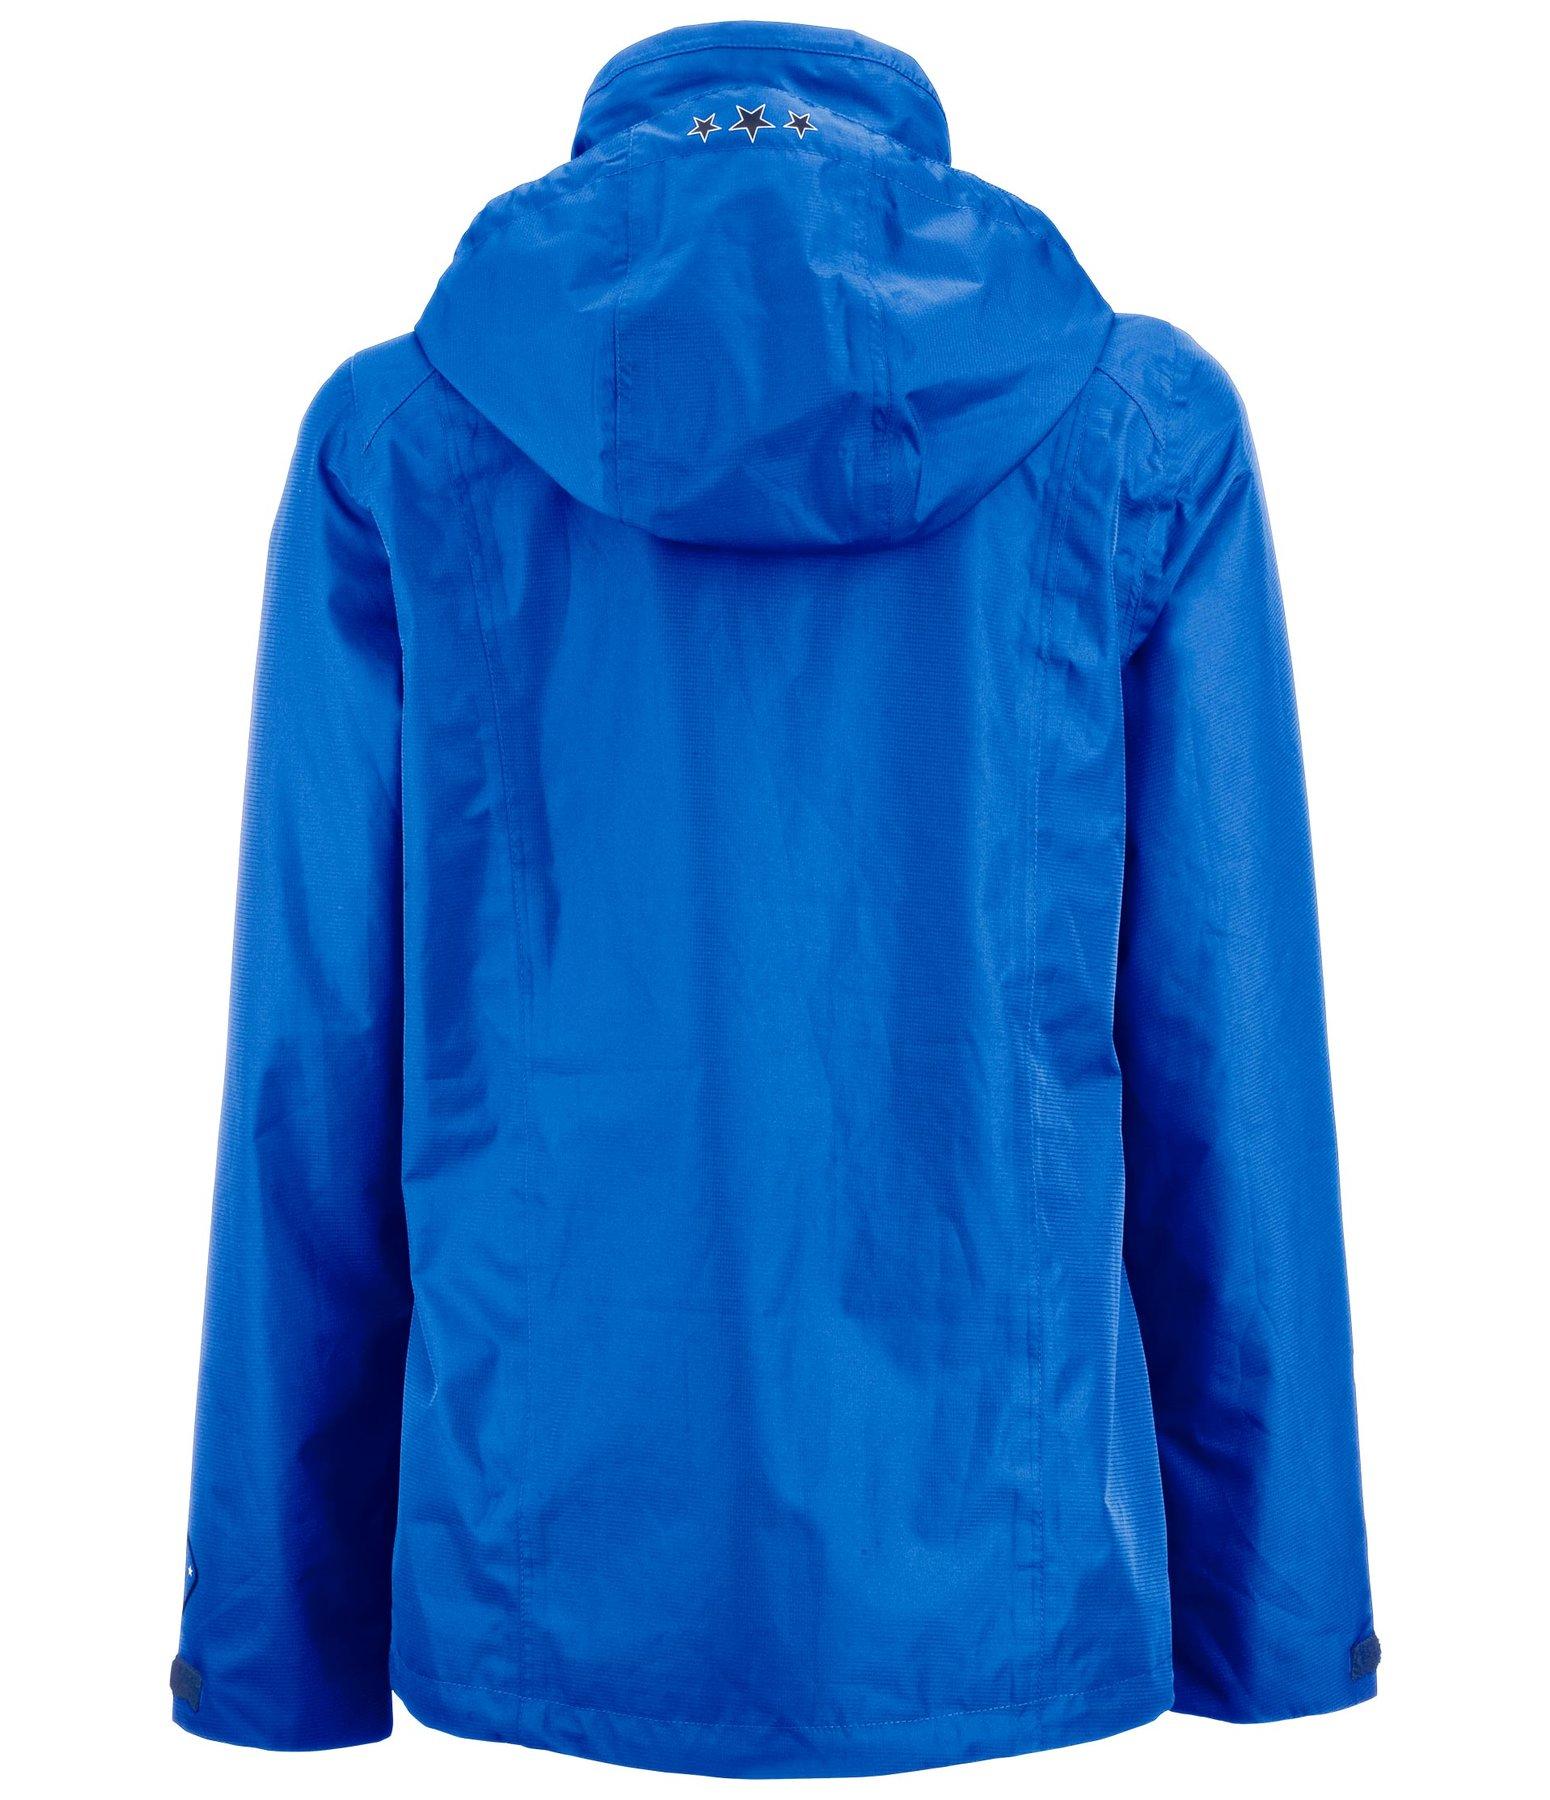 functional riding jacket elisa summer jackets between. Black Bedroom Furniture Sets. Home Design Ideas